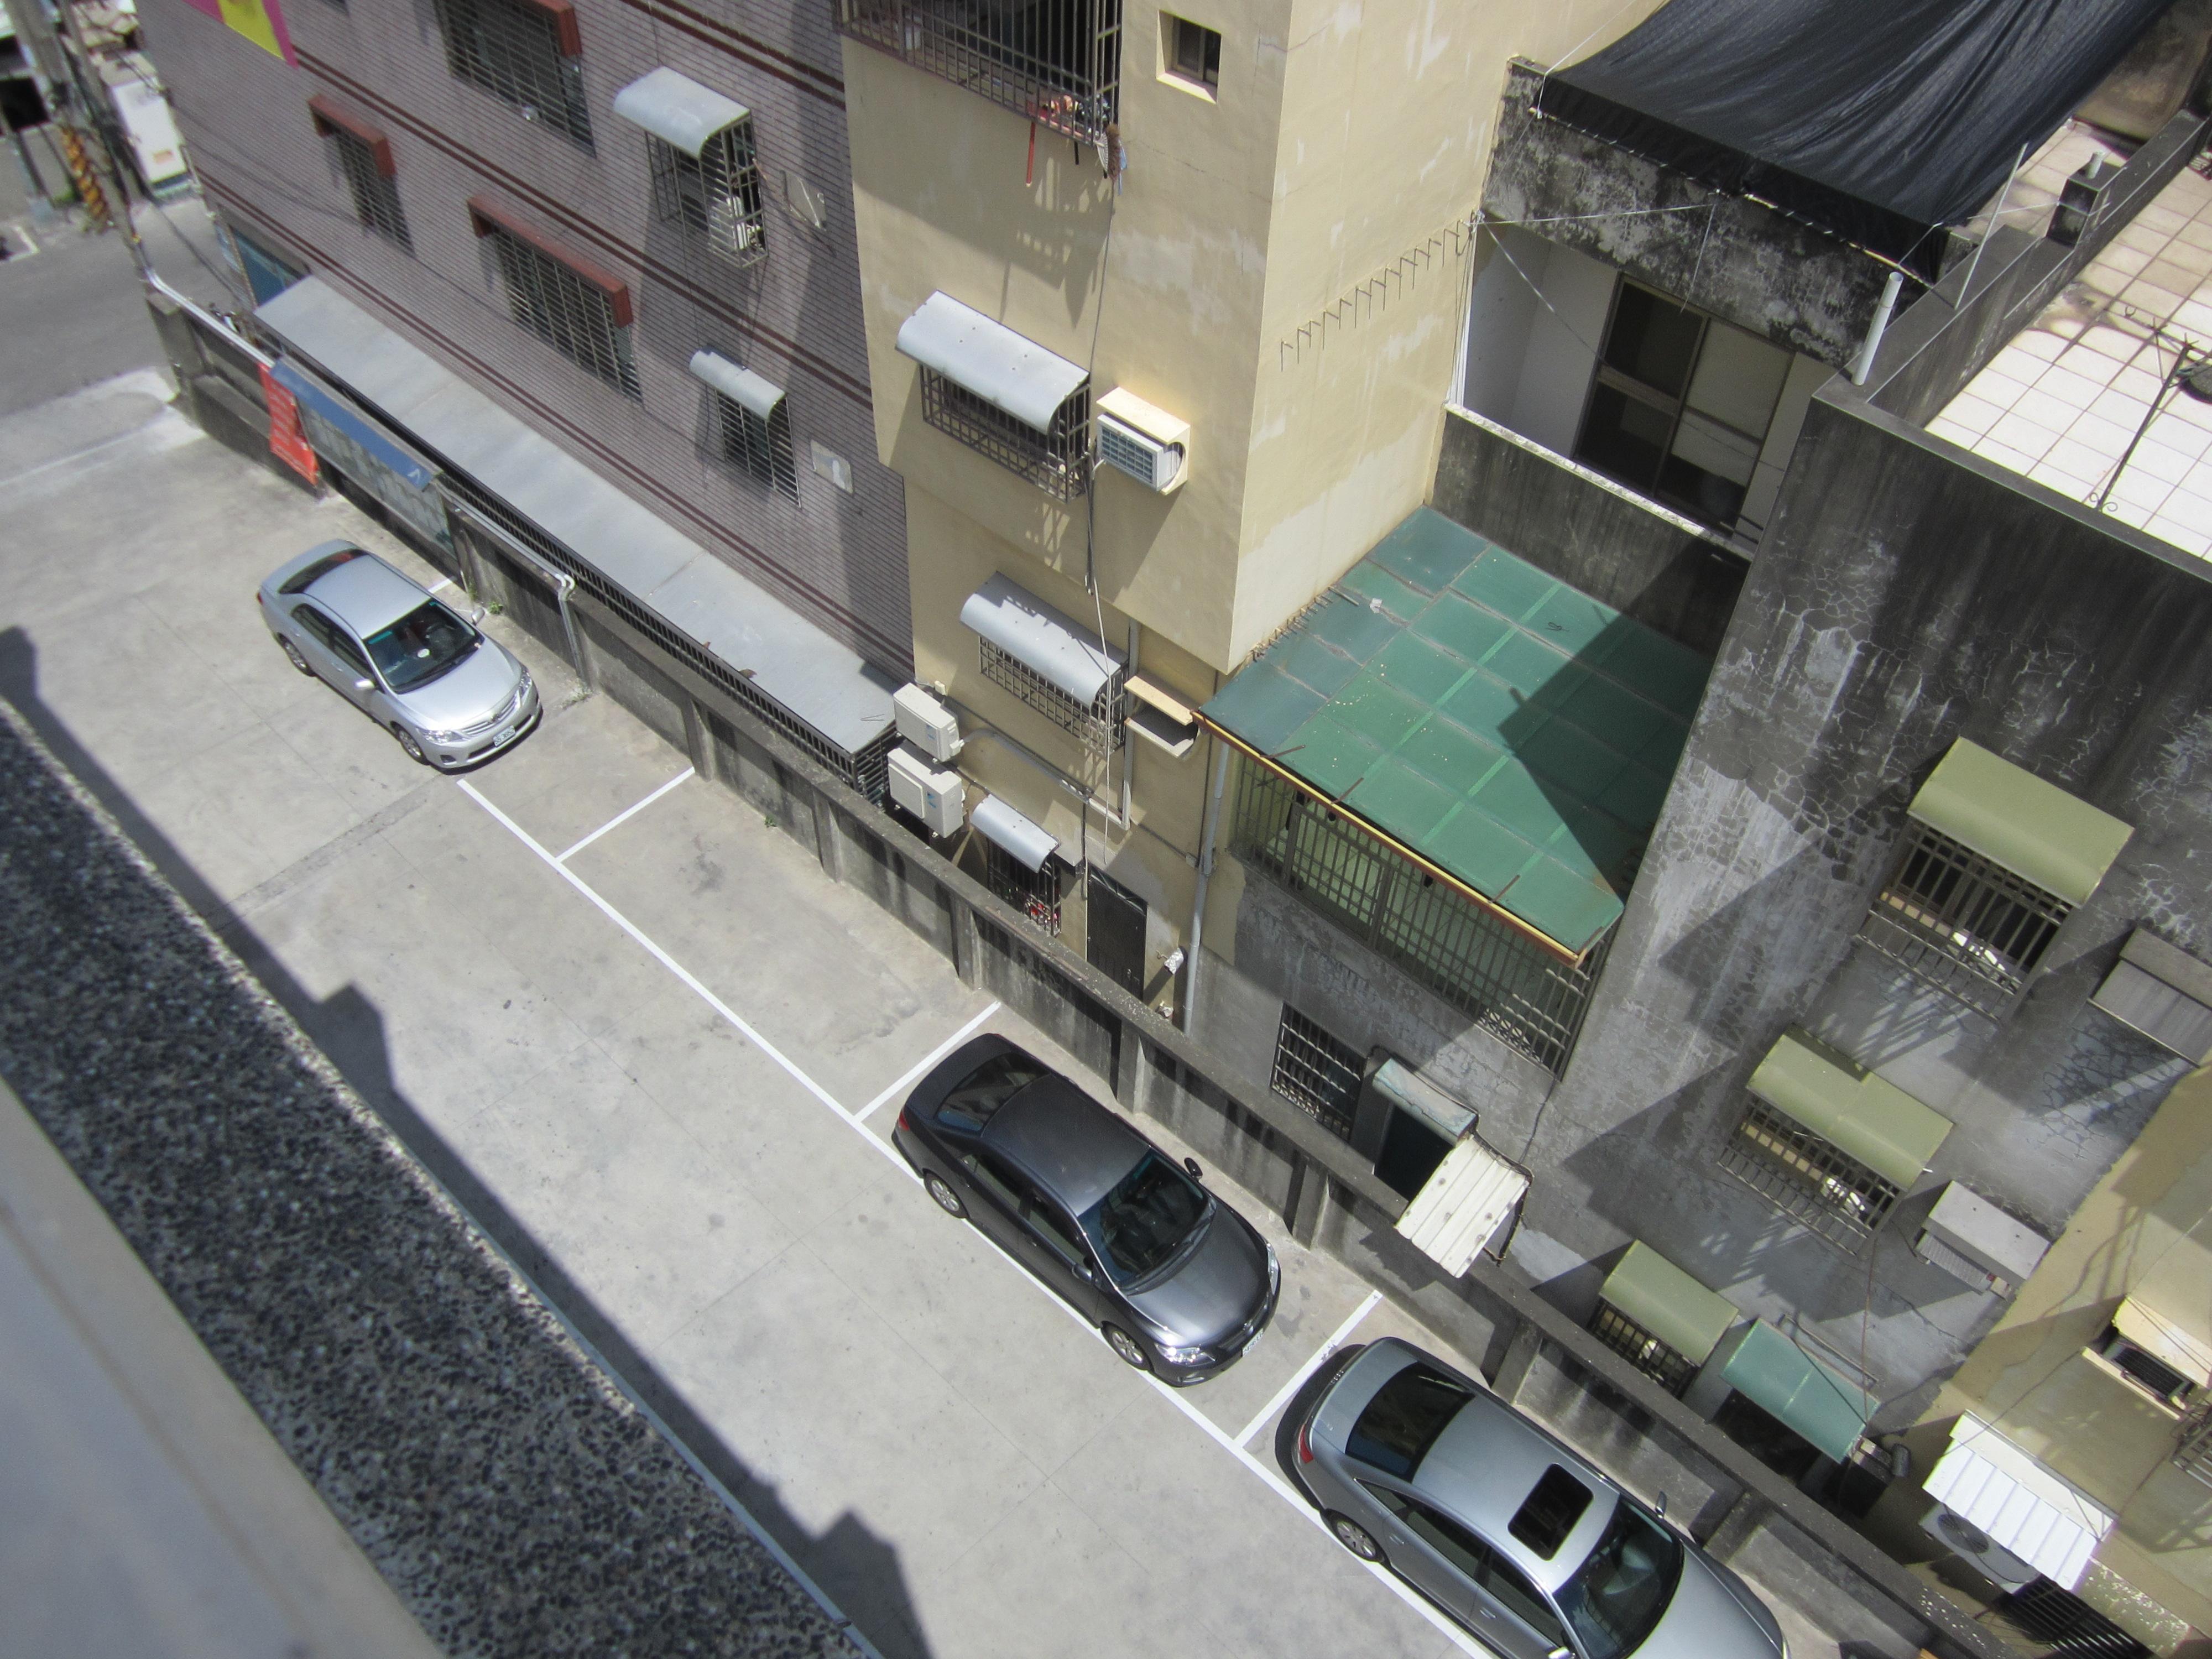 本所右側停車位